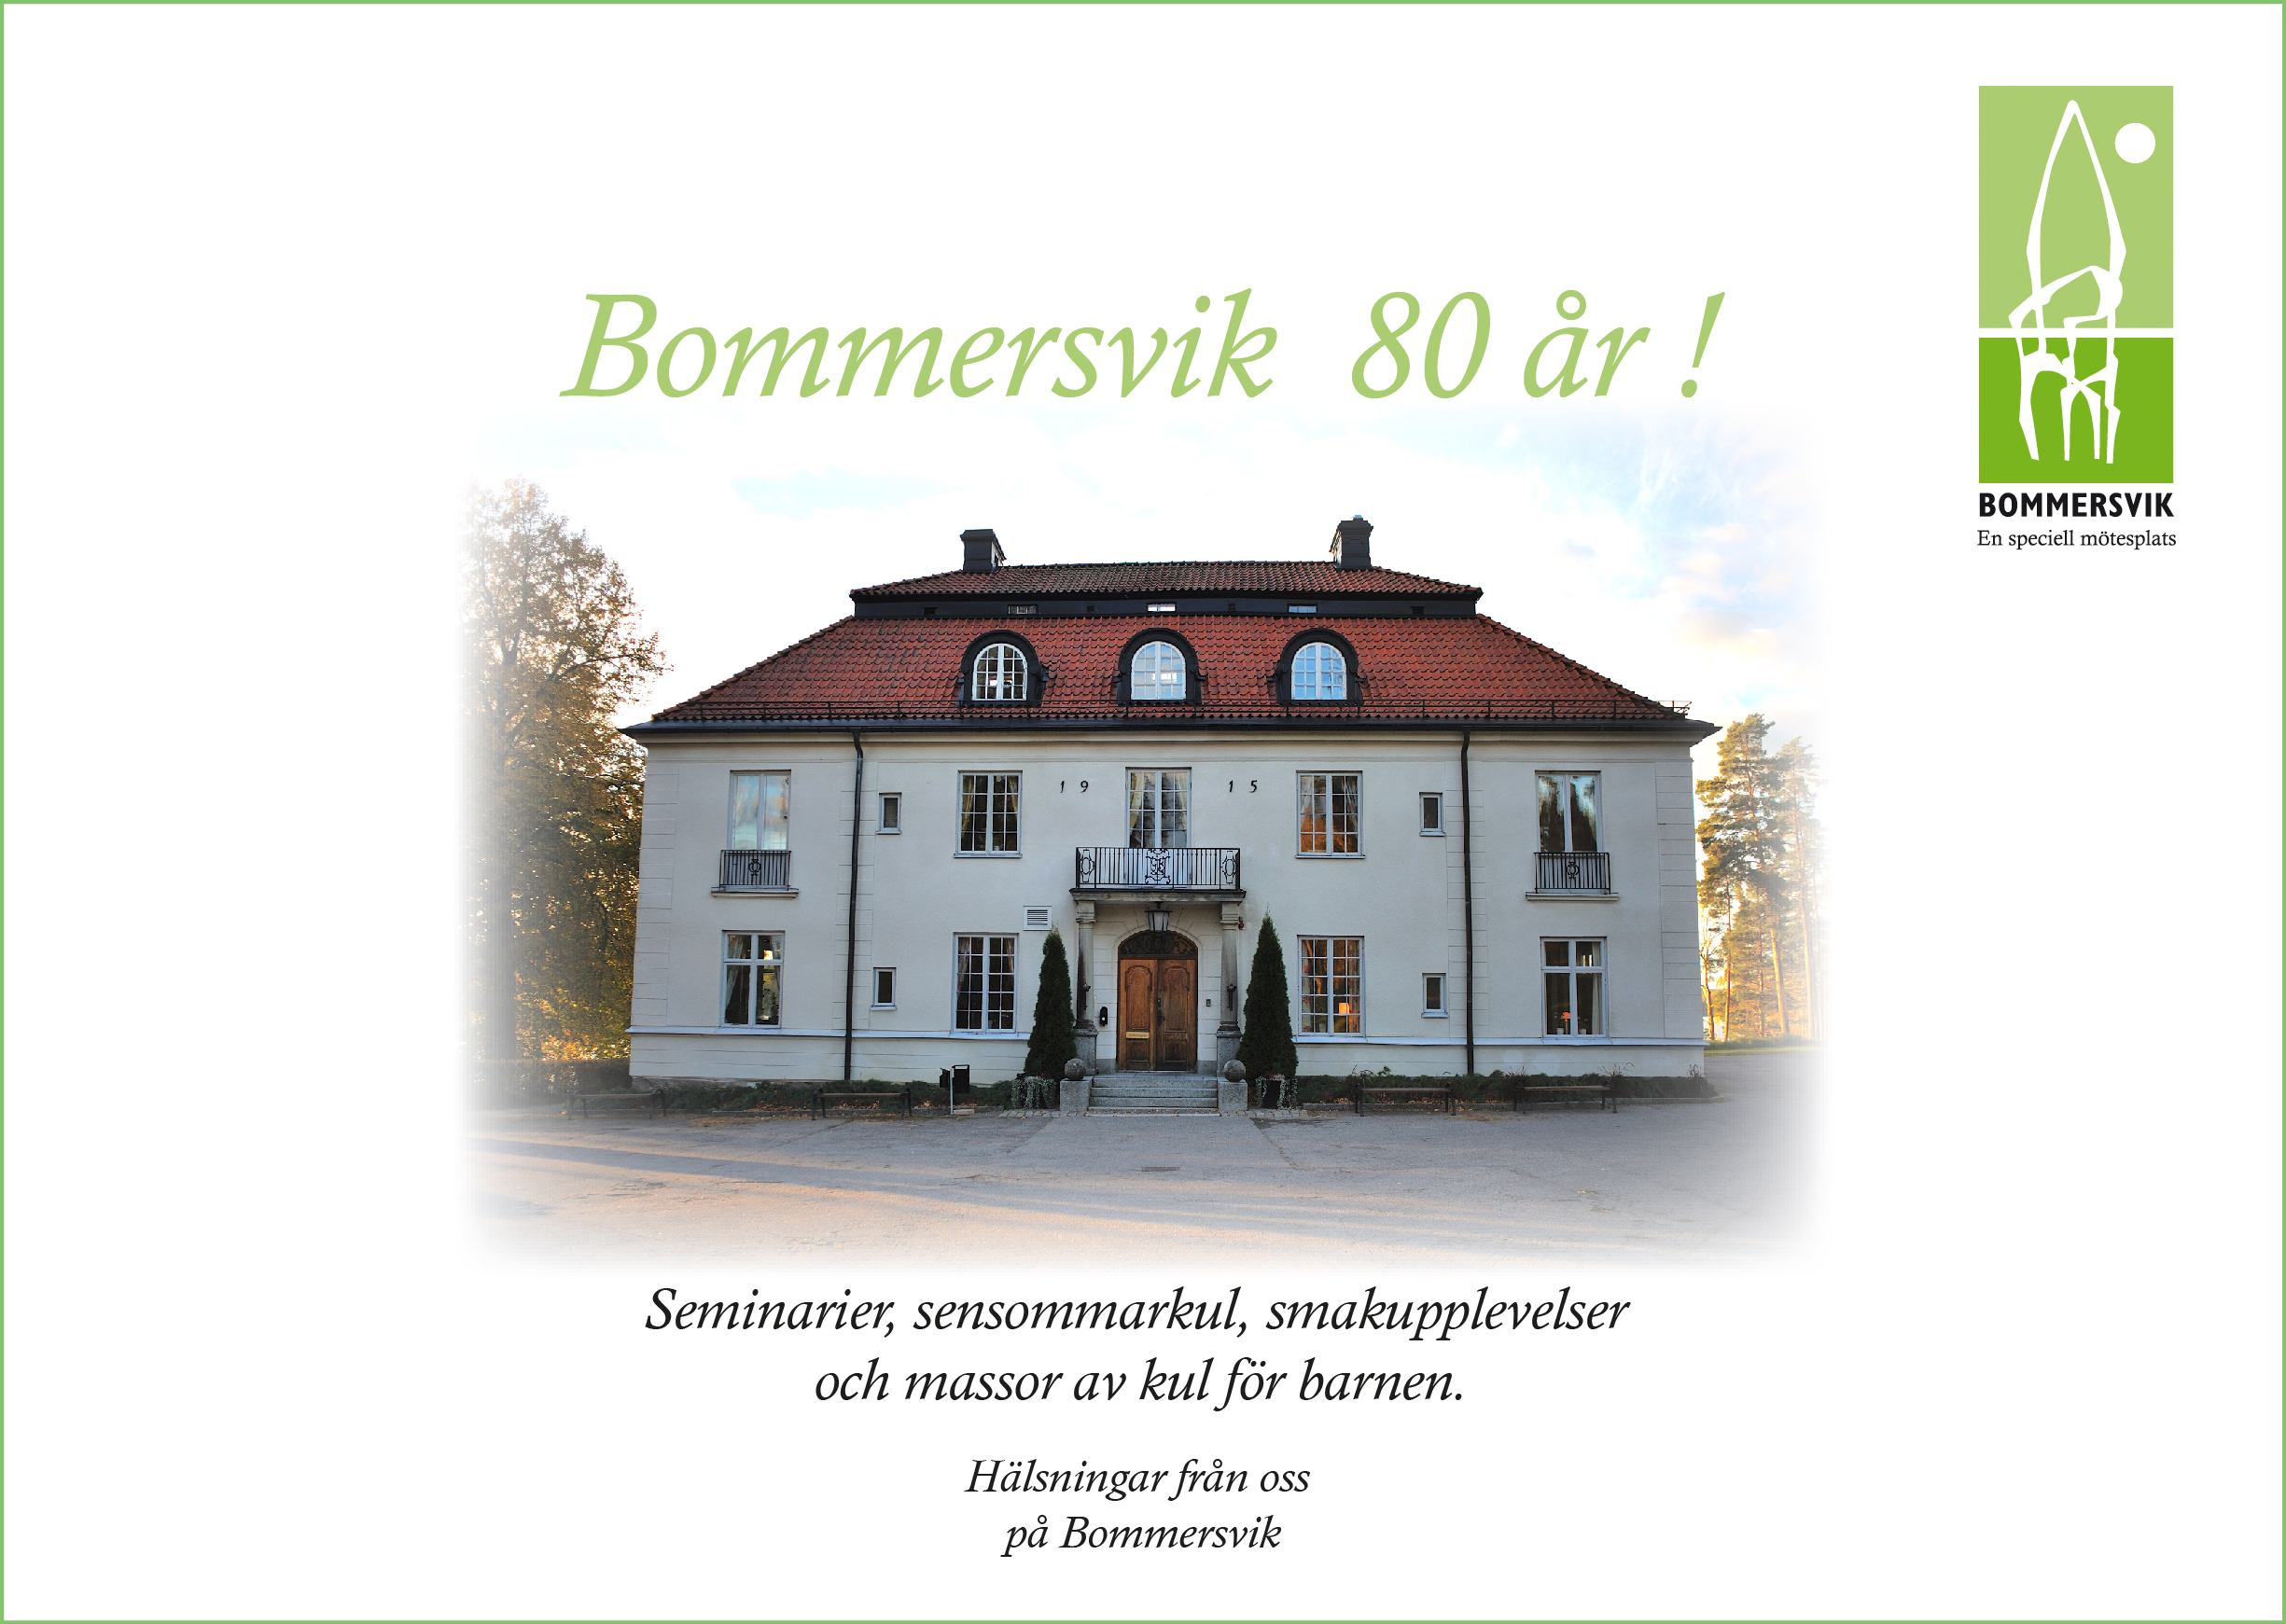 Bommersvik Inbjudan 2 2.jpg